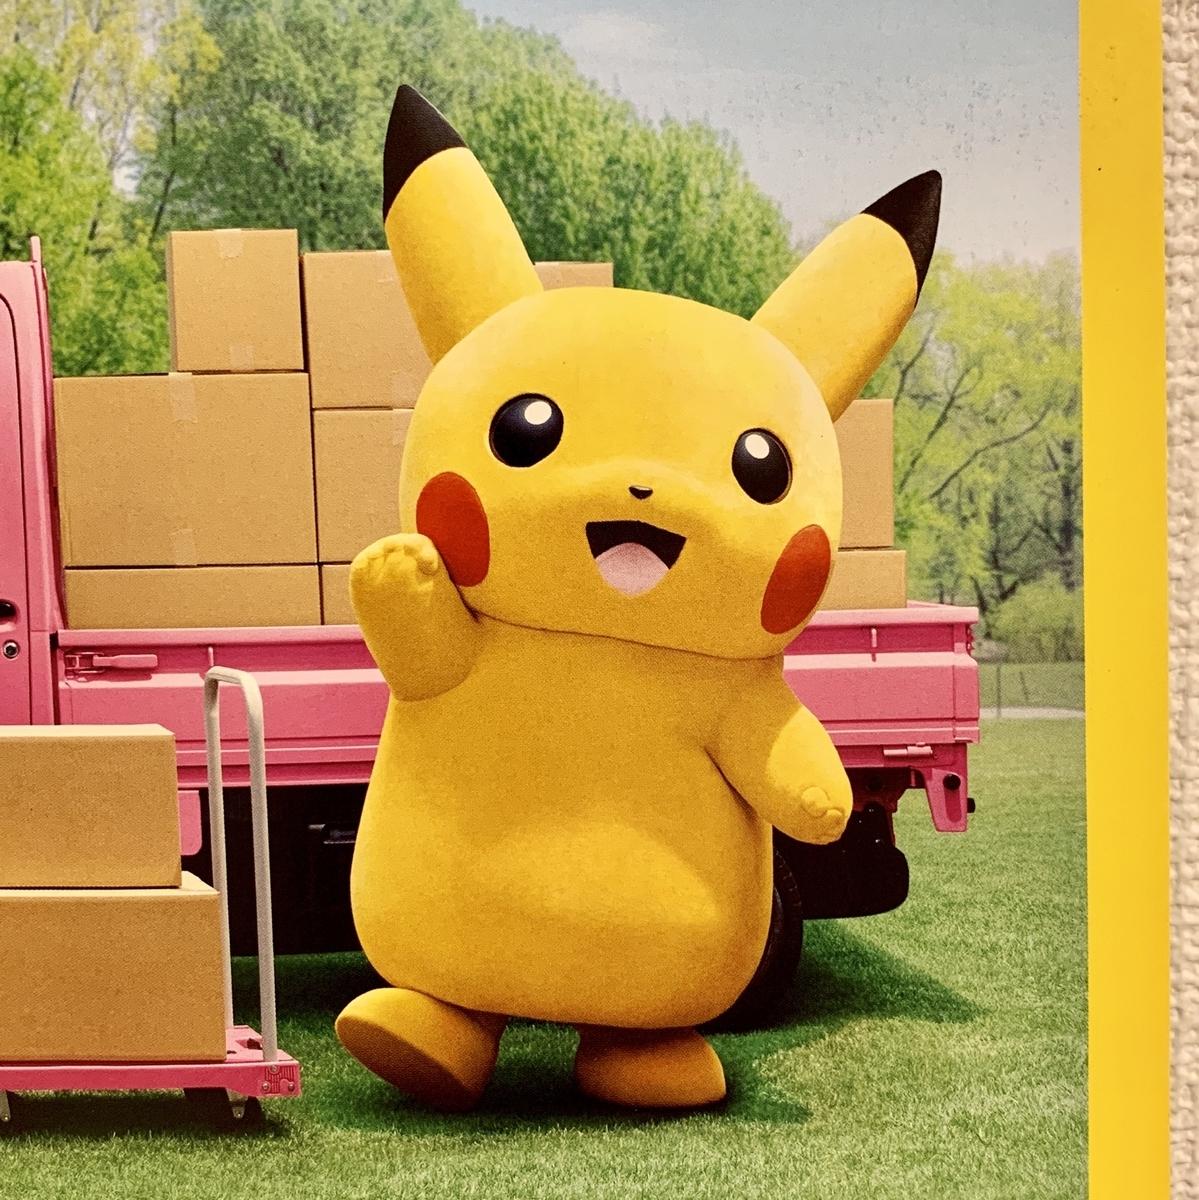 f:id:pikachu_pcn:20200130214316j:plain